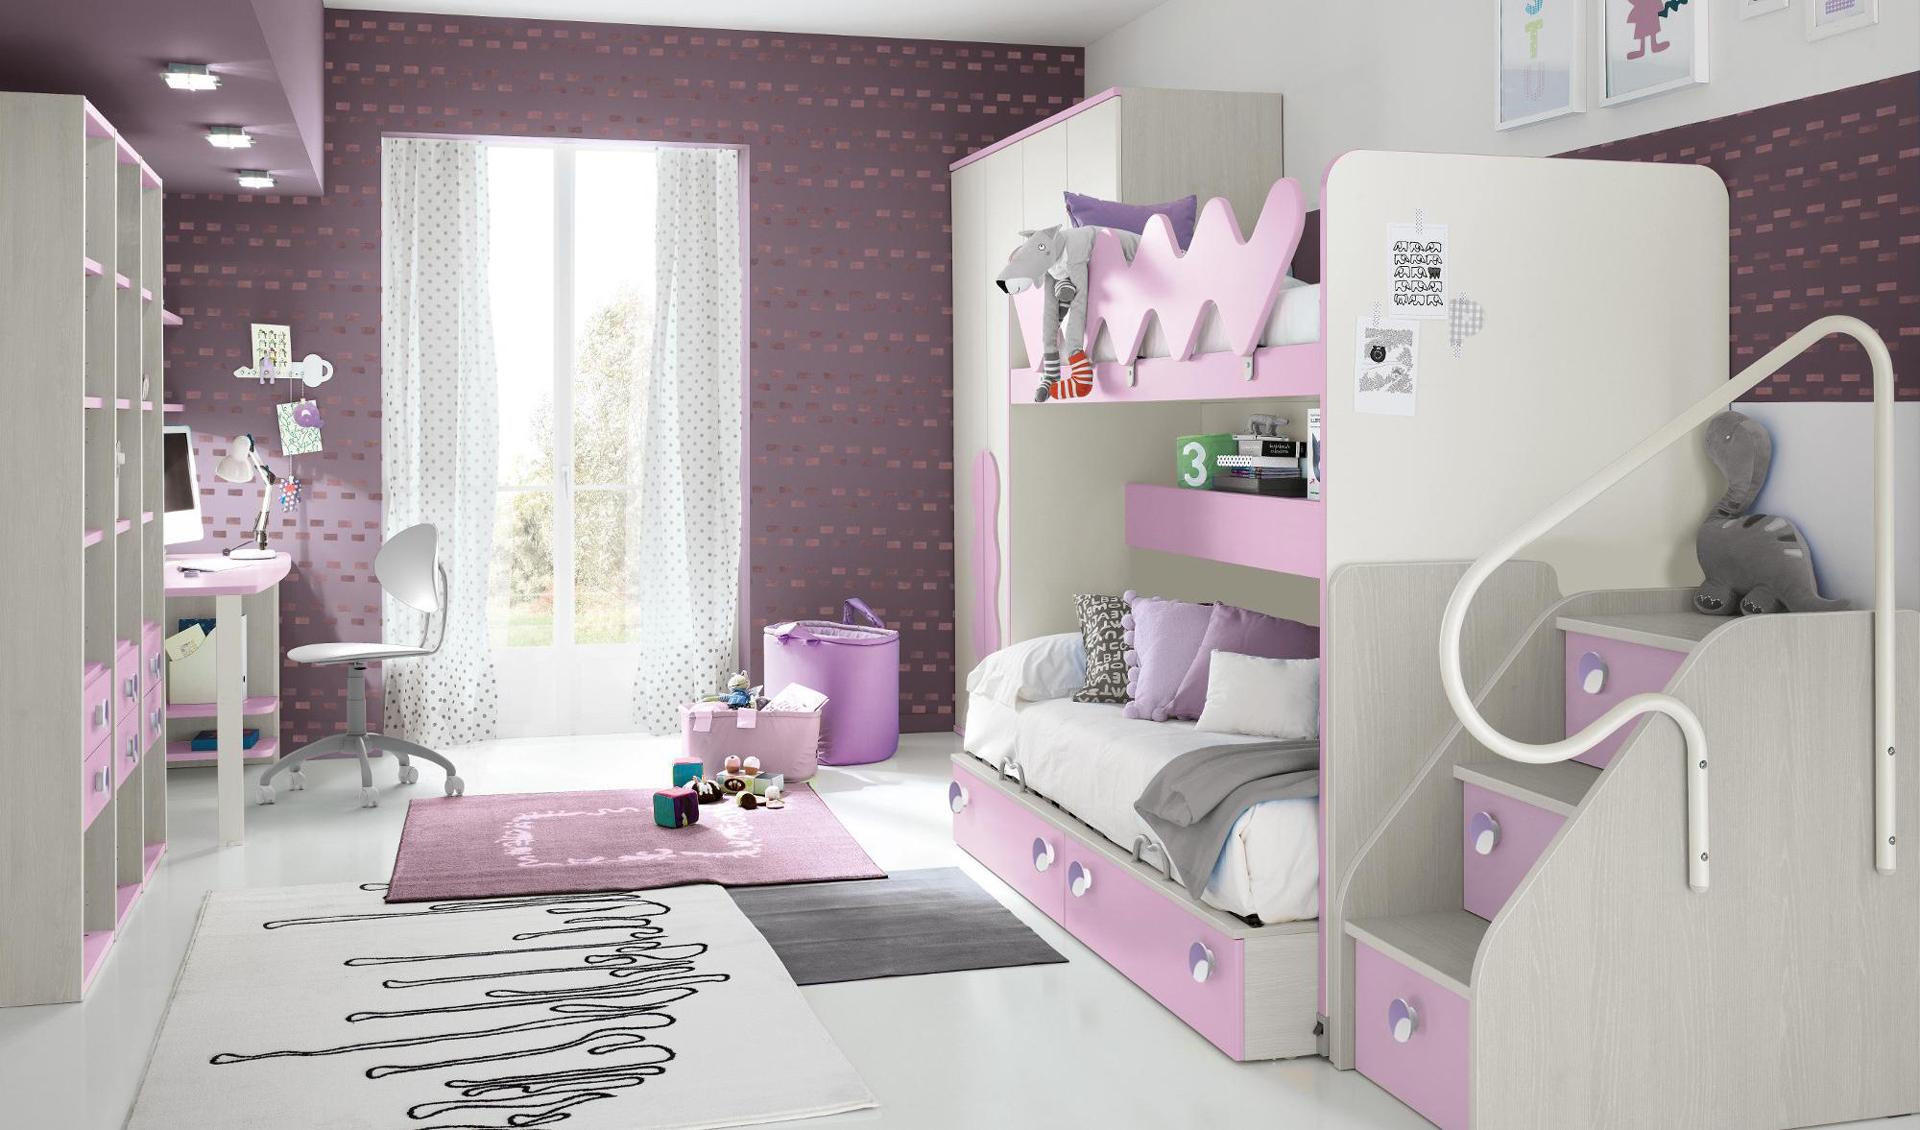 4_MTM-arreda-gatteo-progettazione-su-misura-arredamento-camerette-camere-bambini